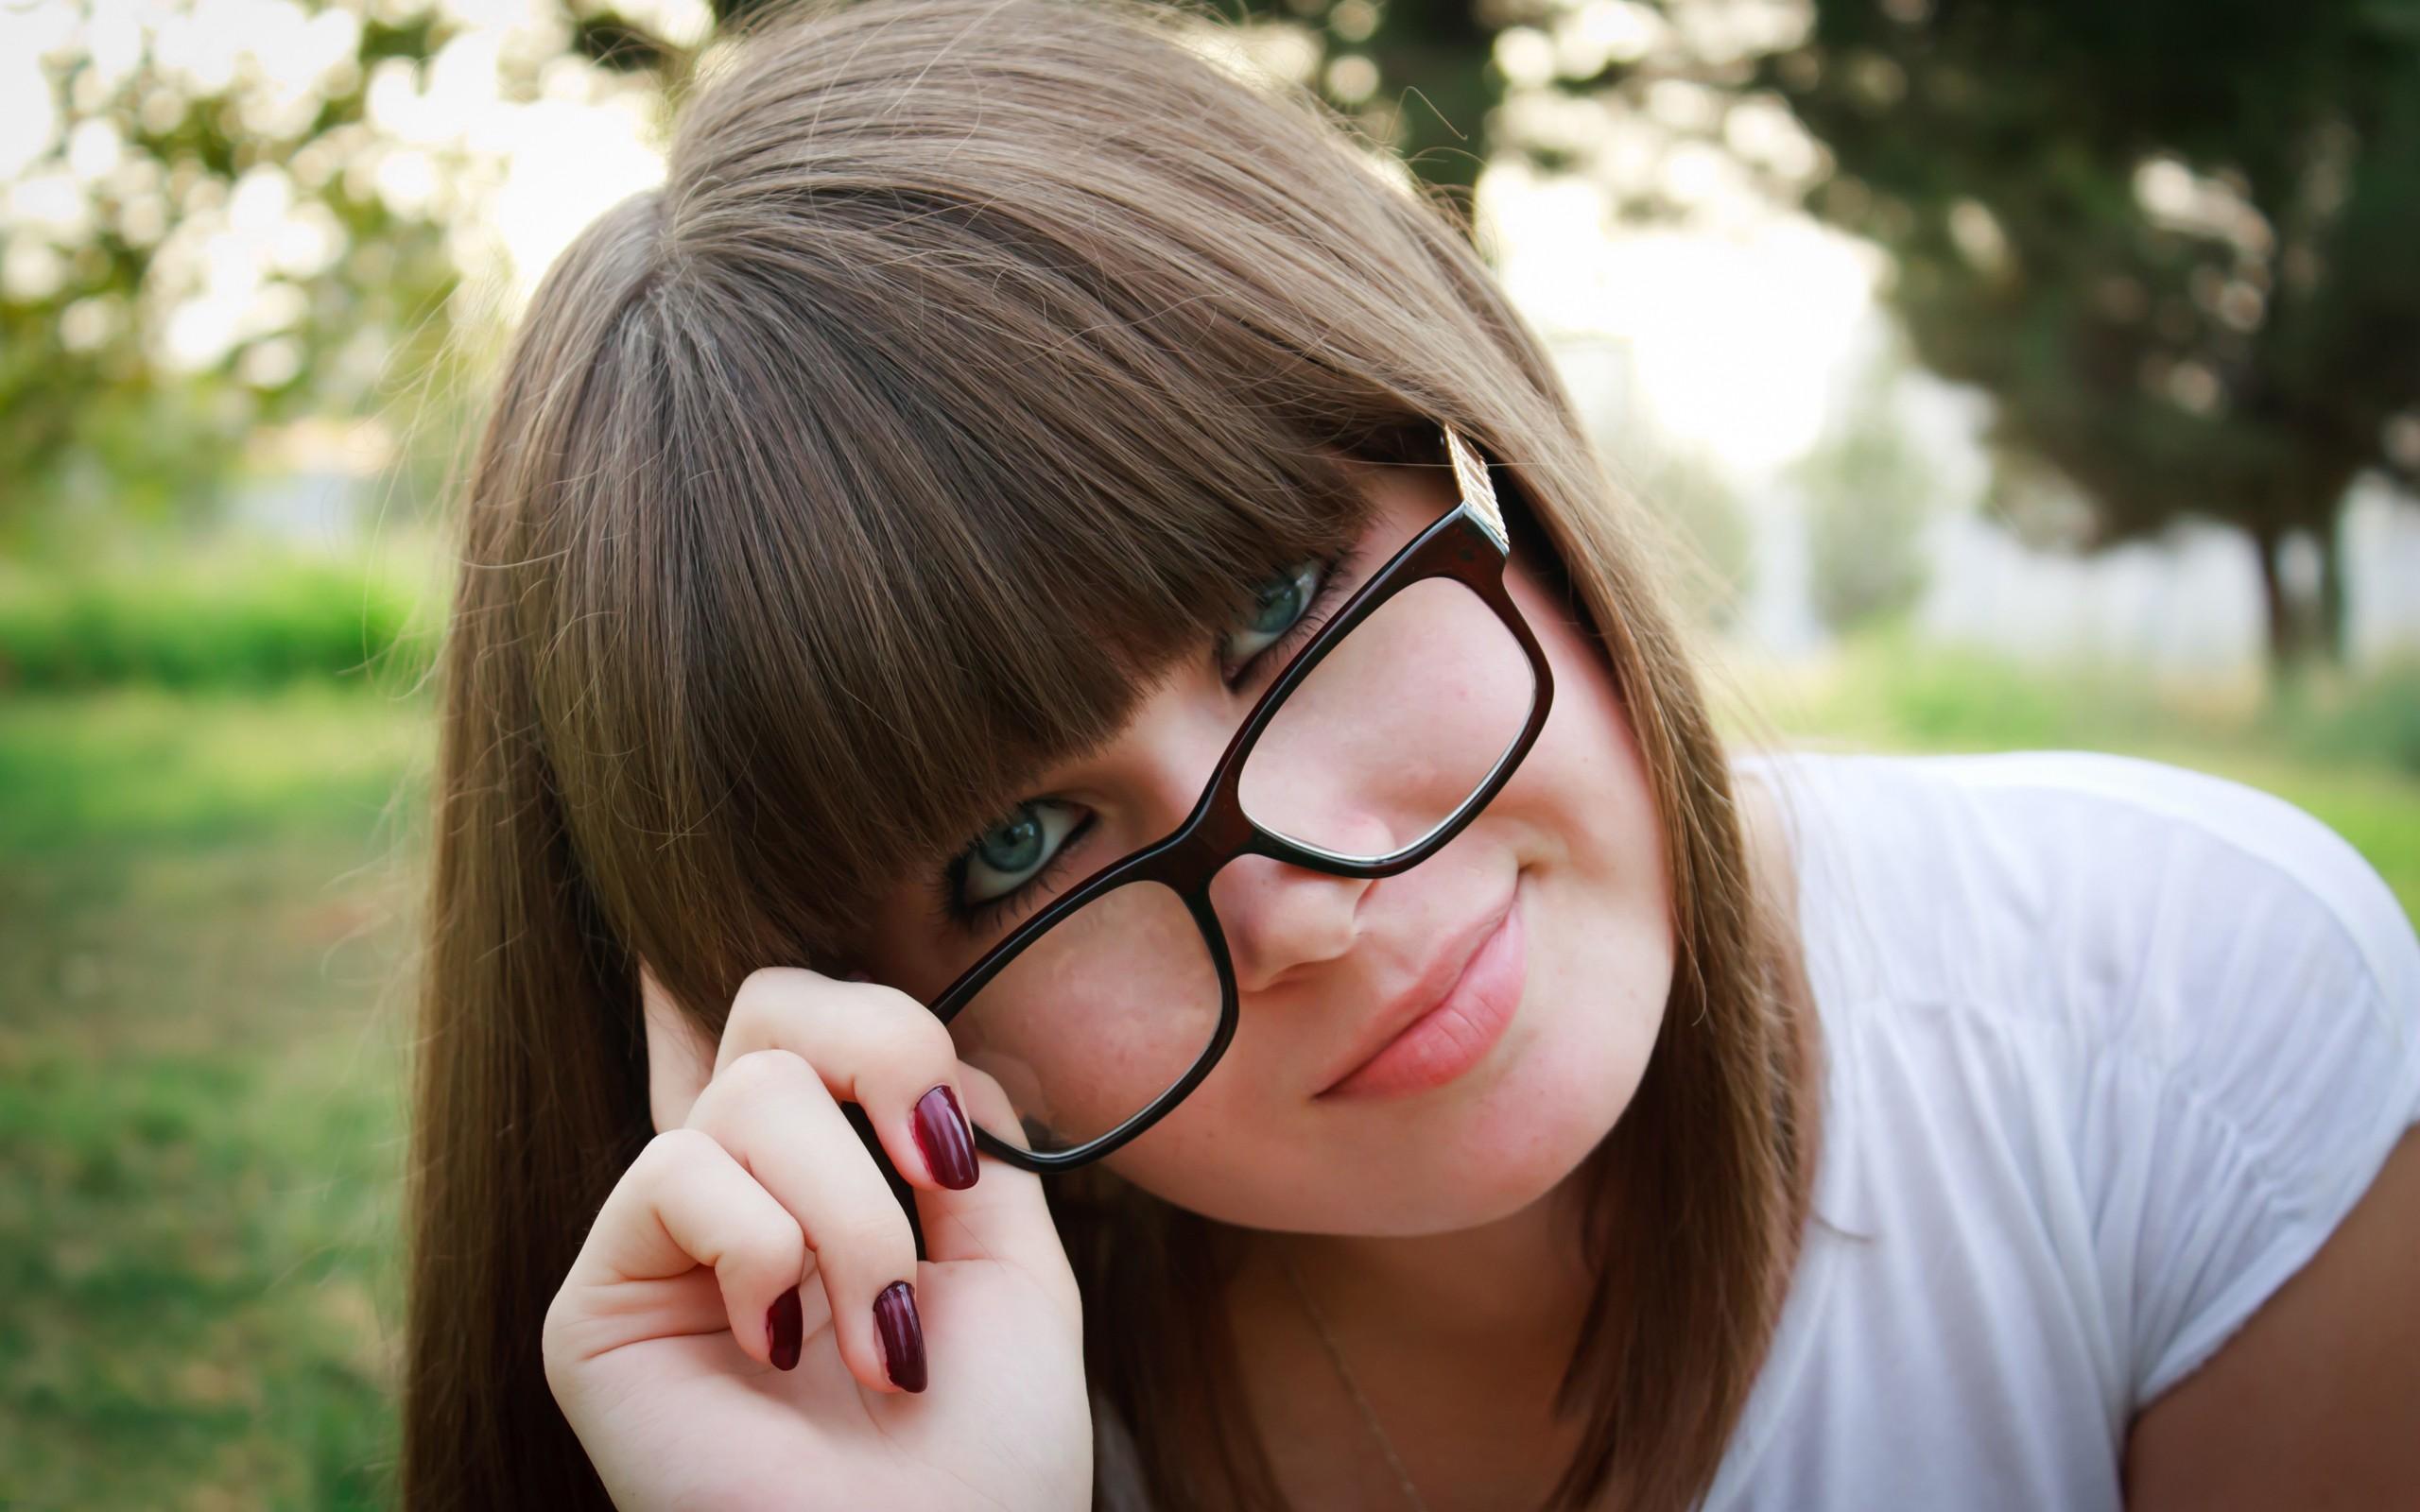 Bella chicas con lentes - 2560x1600